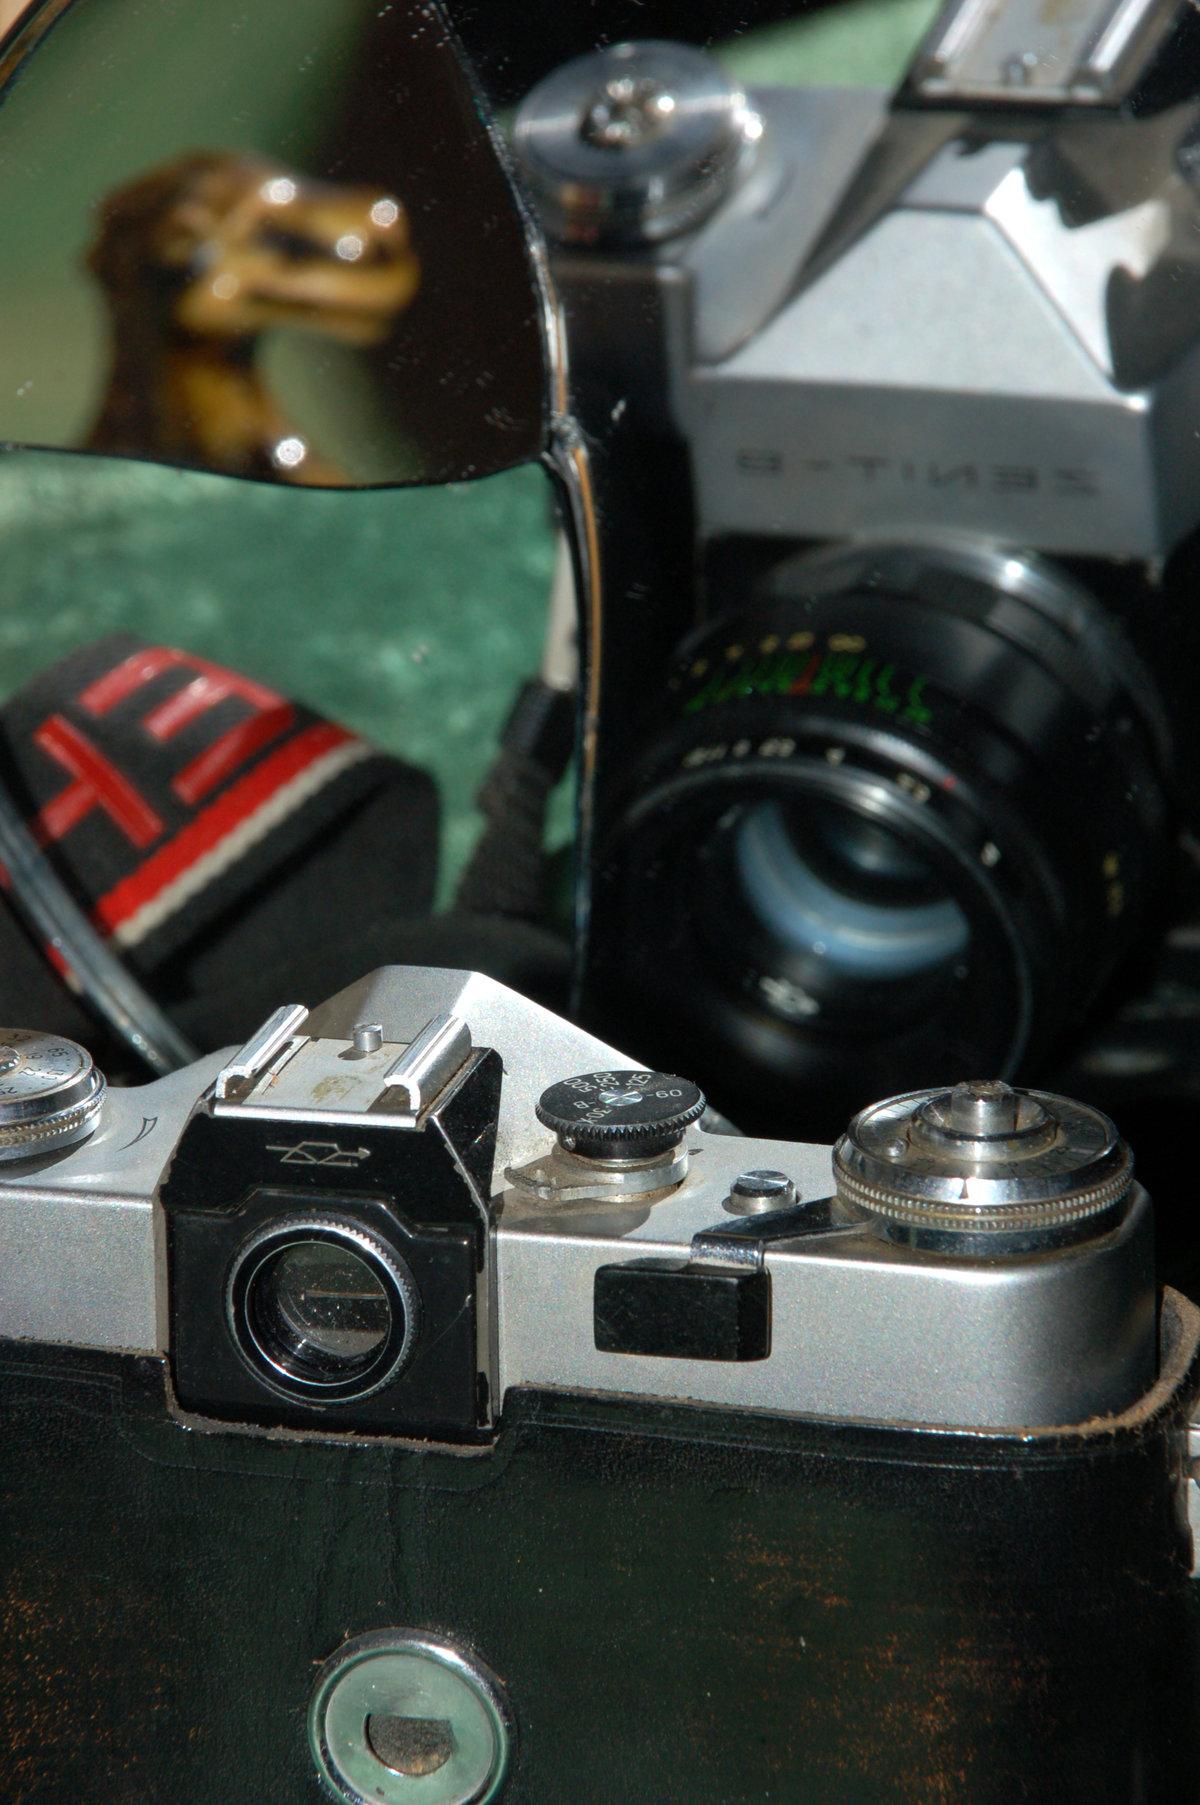 залили фотоаппарат зеркальный что делать умер сердечного приступа